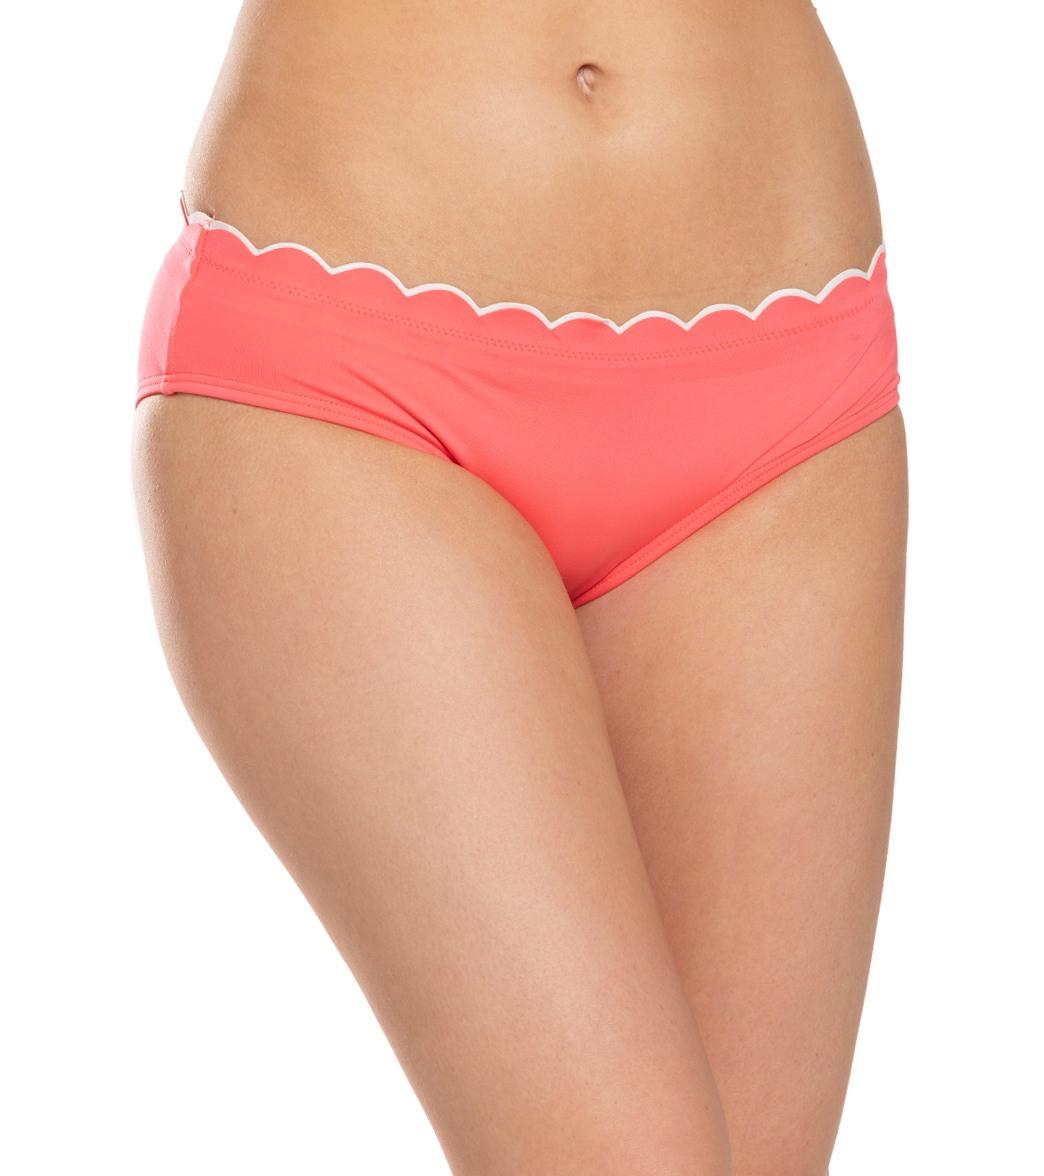 Kate Spade New York Scallop Wave Hipster Bikini Bottom